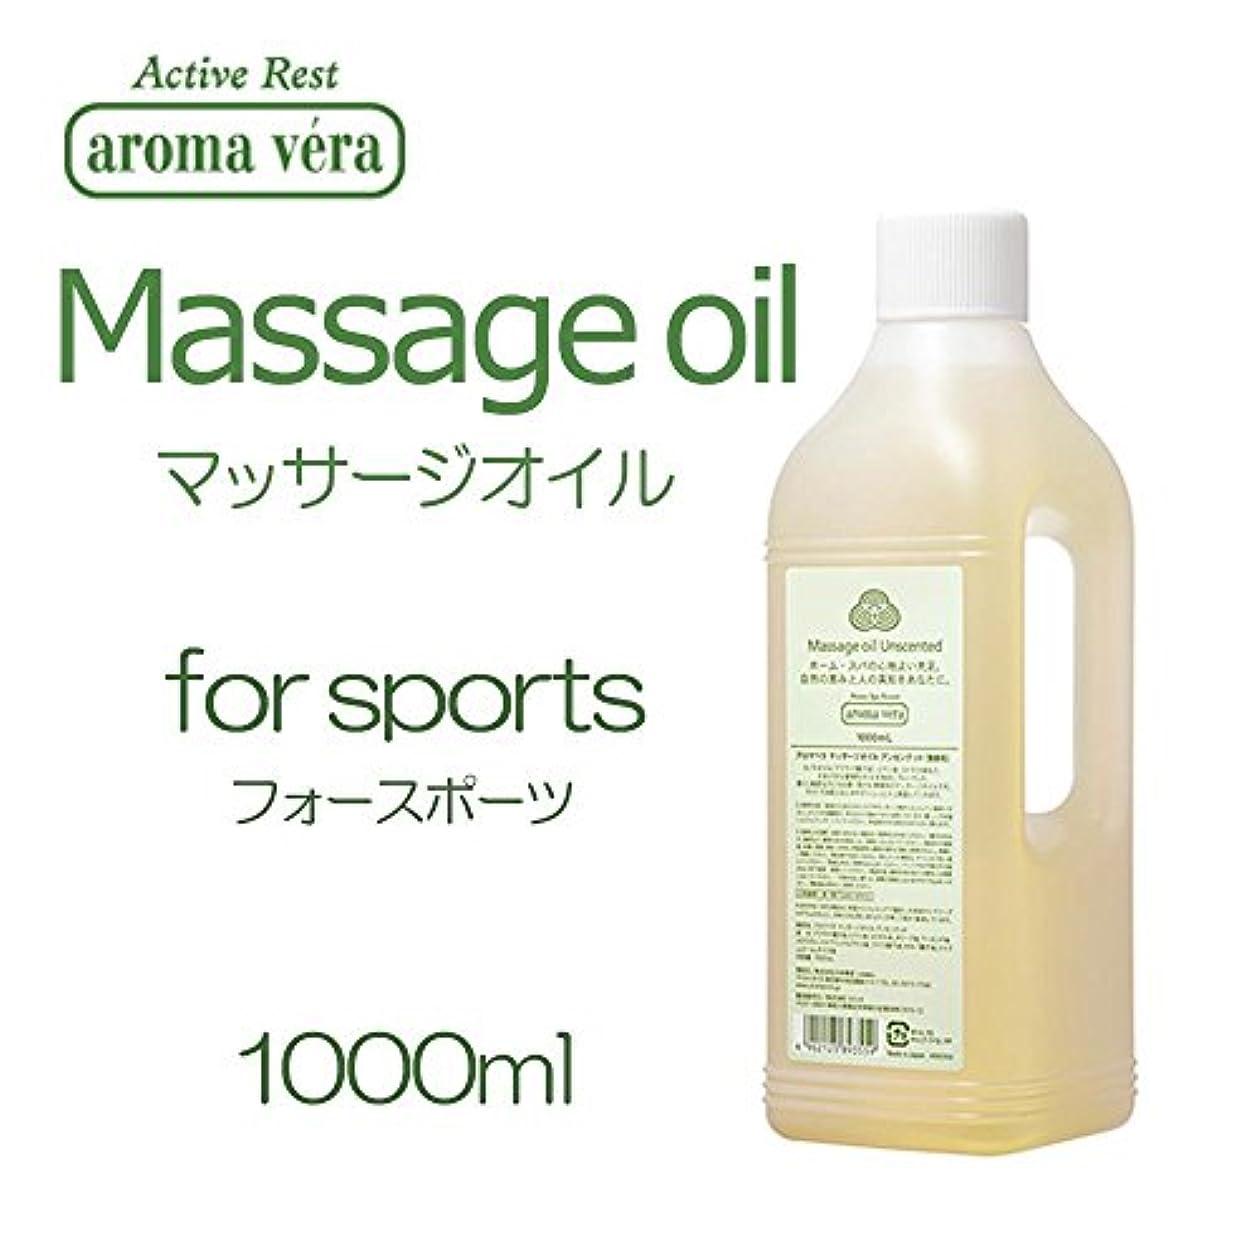 aroma vera(アロマベラ) マッサージオイル フォースポーツ 1000ml